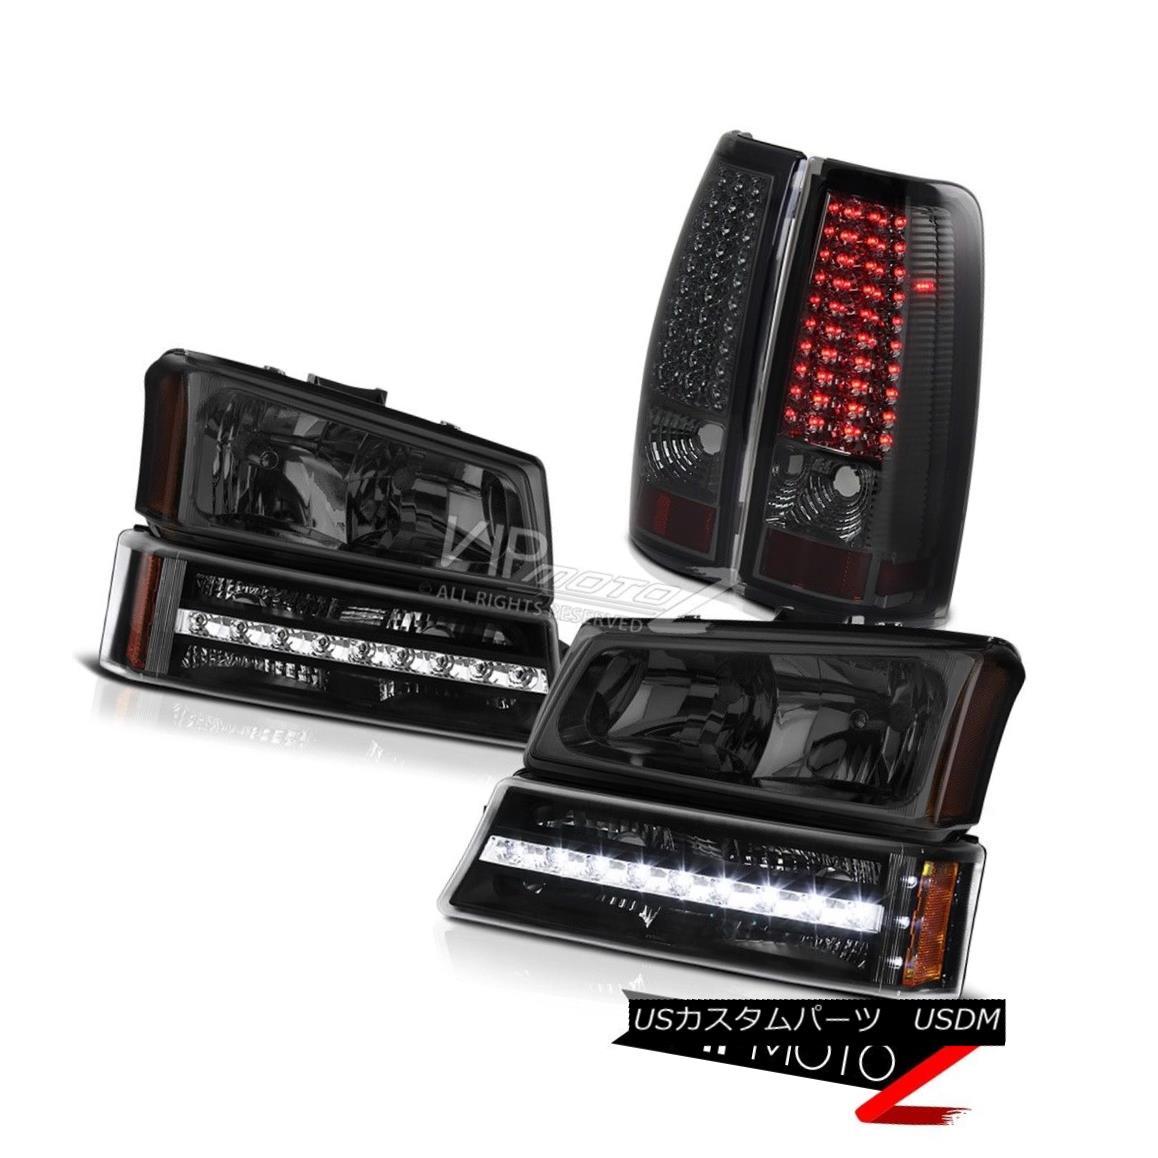 テールライト 03 04 05 06 Chevy Silverado Phantom smoke taillamps turn signal headlights LED 03 04 05 06 Chevy Silveradoファントム・スモーク・テールランプ・シグナル・ヘッドライトLED